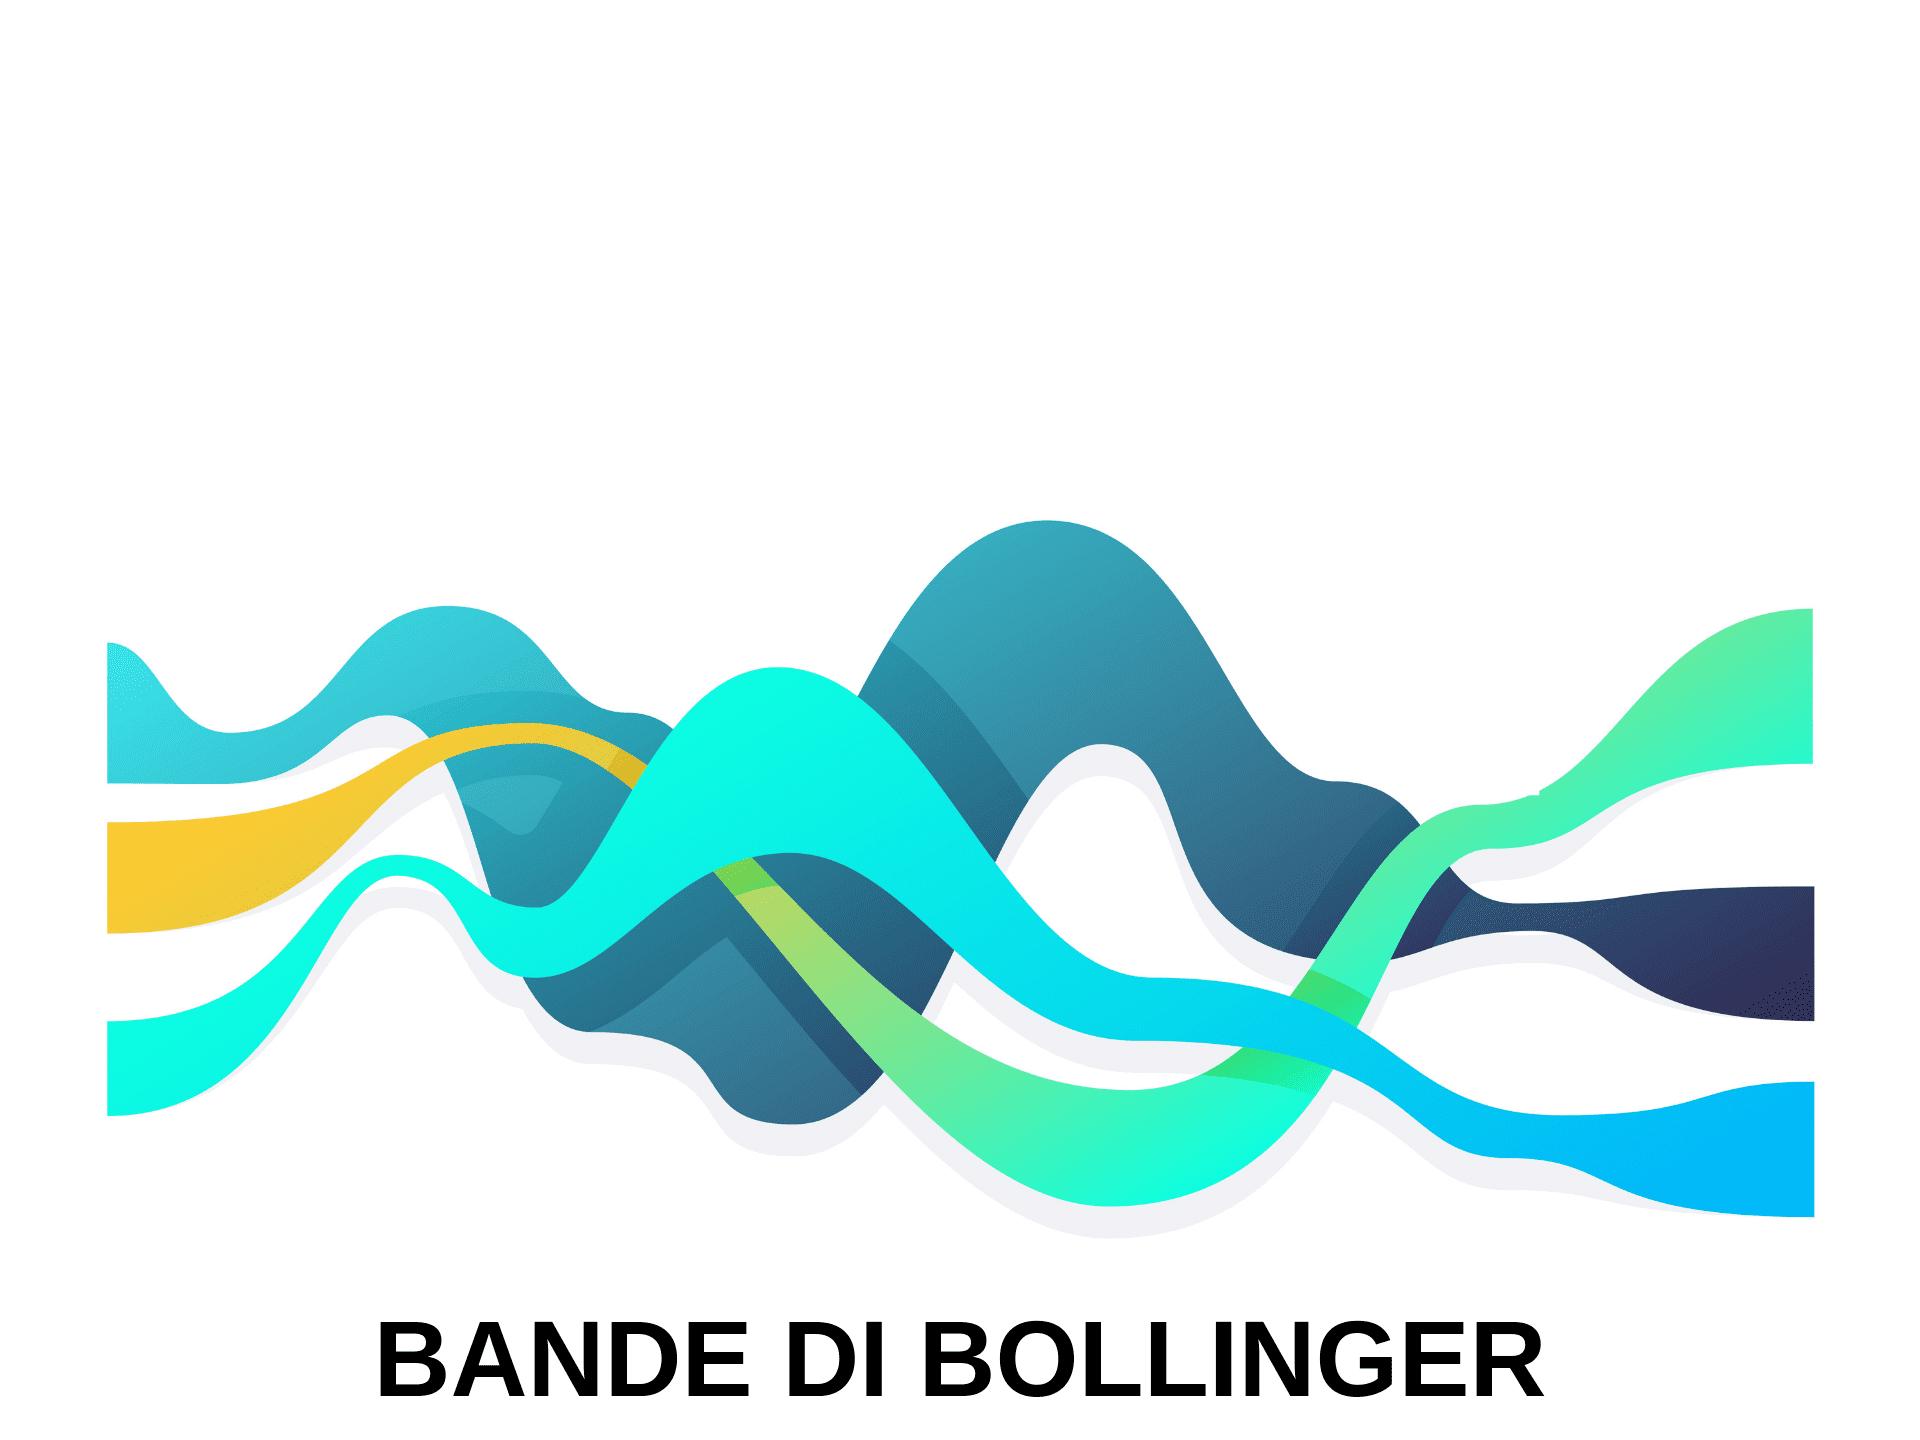 Le bande di Bollinger e l'indicatore RSI nelle strategie di trading online